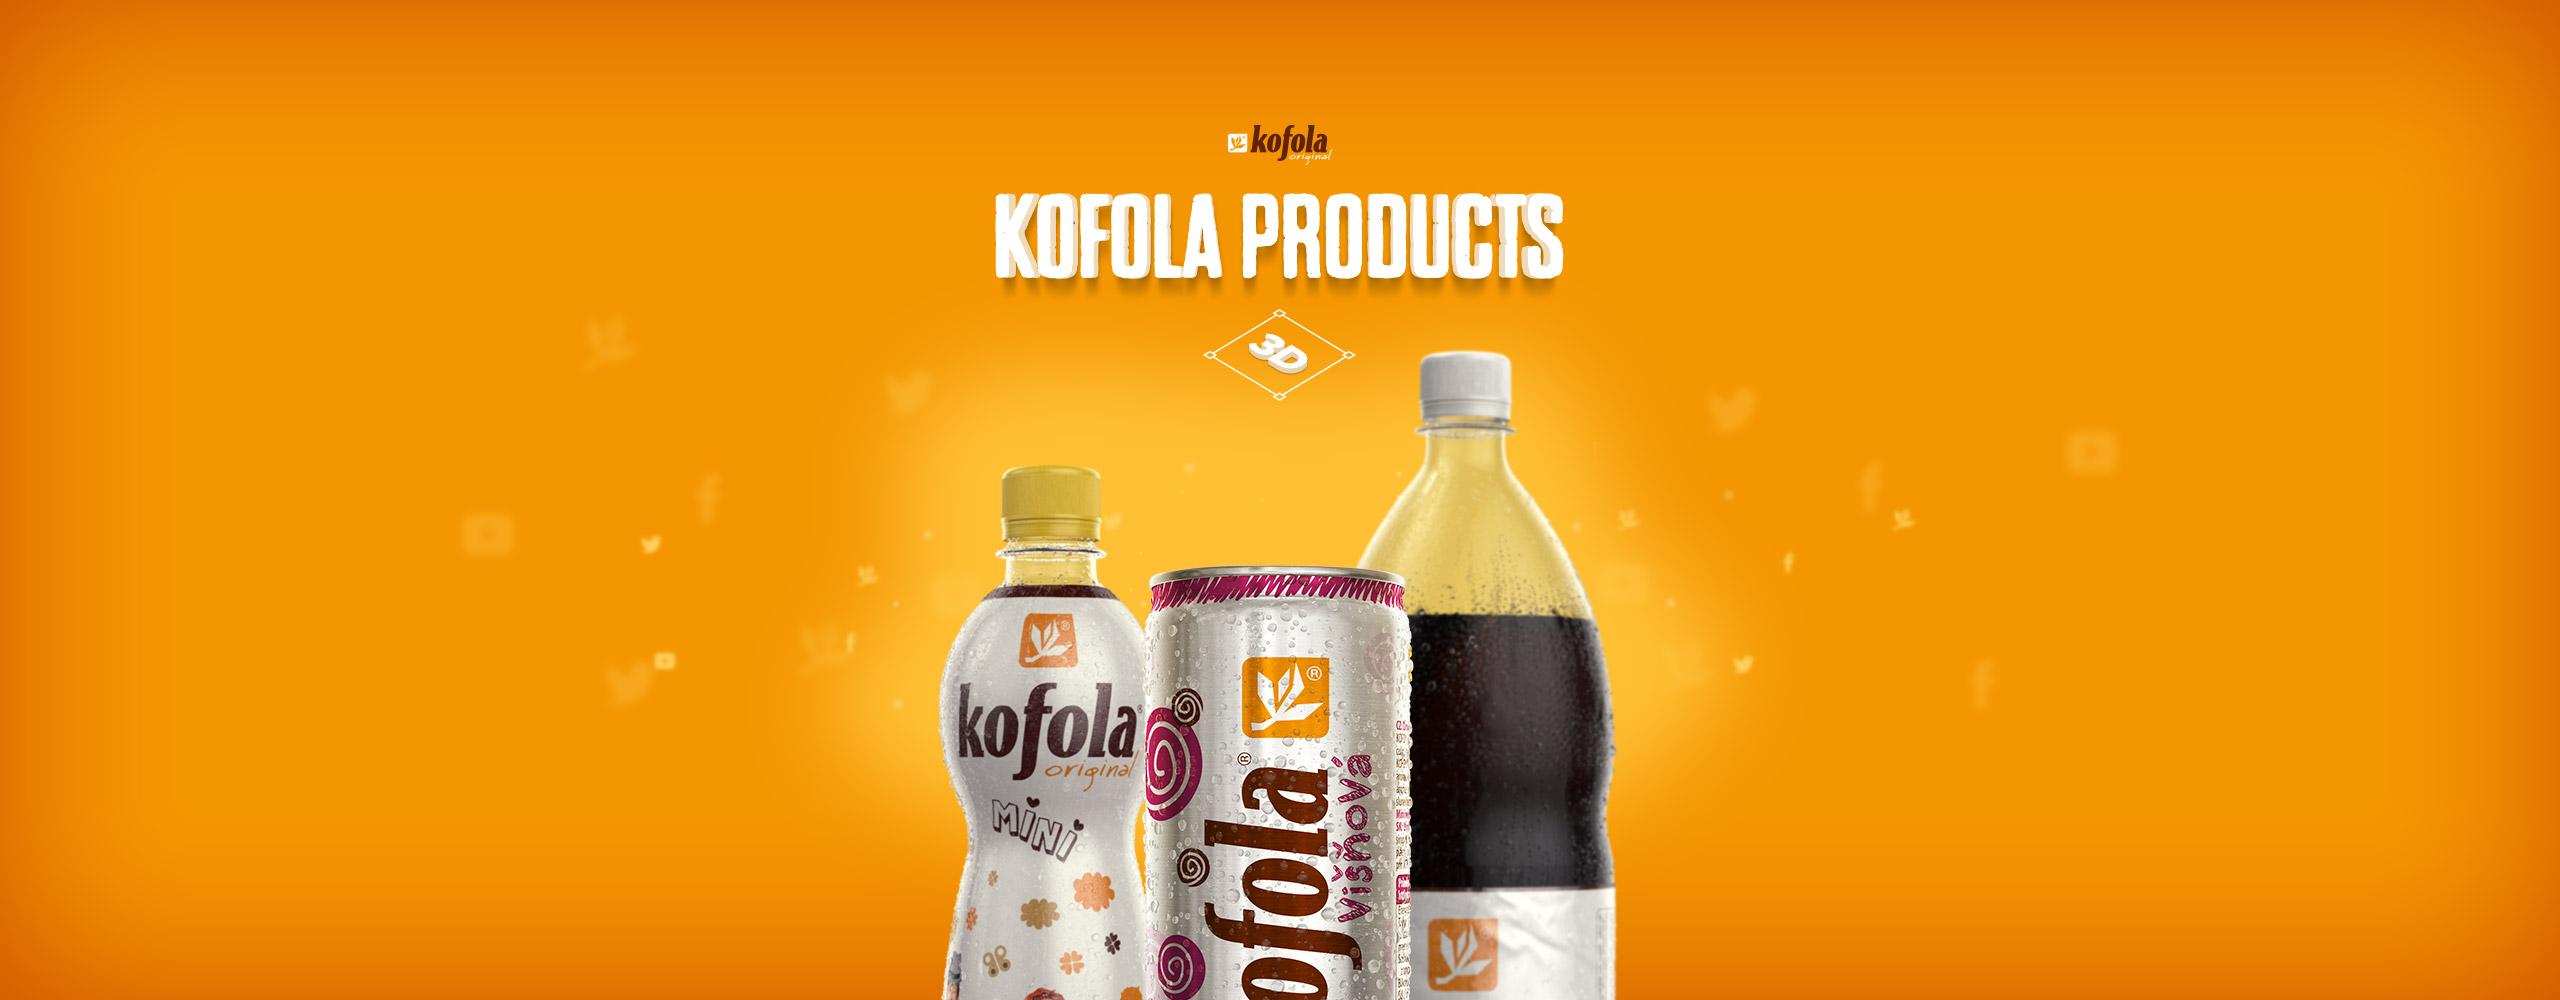 Kofola_1